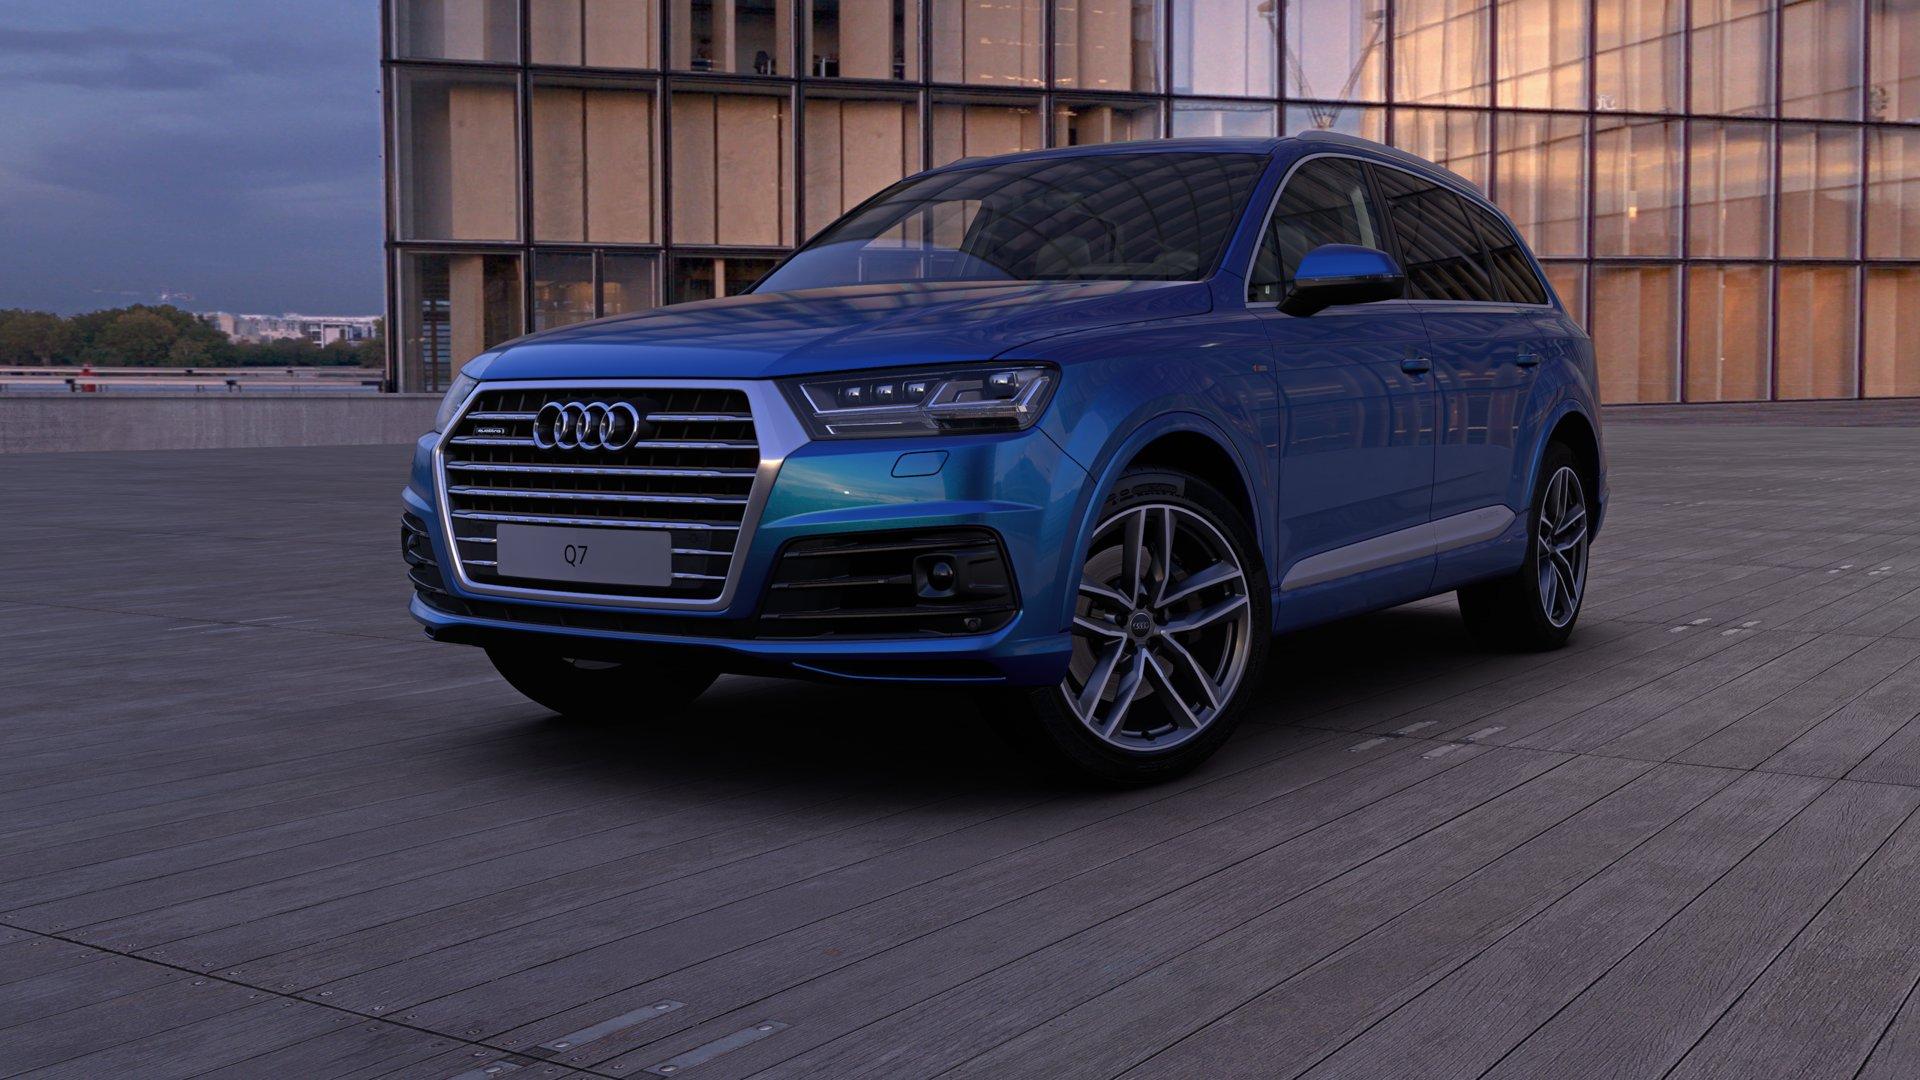 Audi Q7 in VR